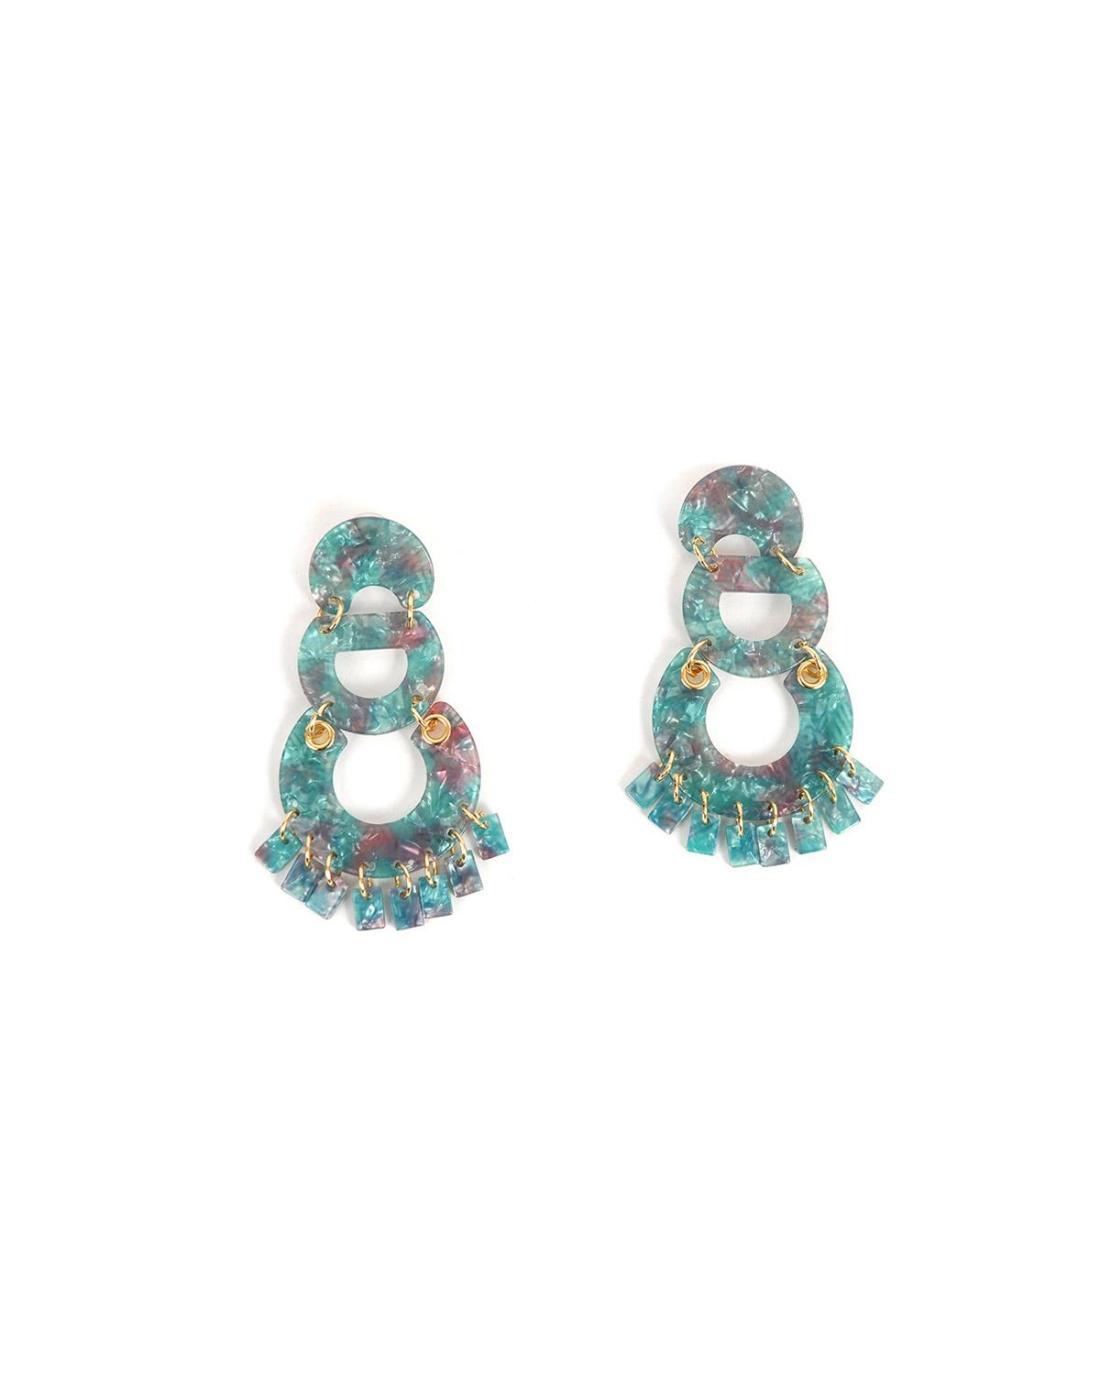 Σκουλαρίκια γαλάζια